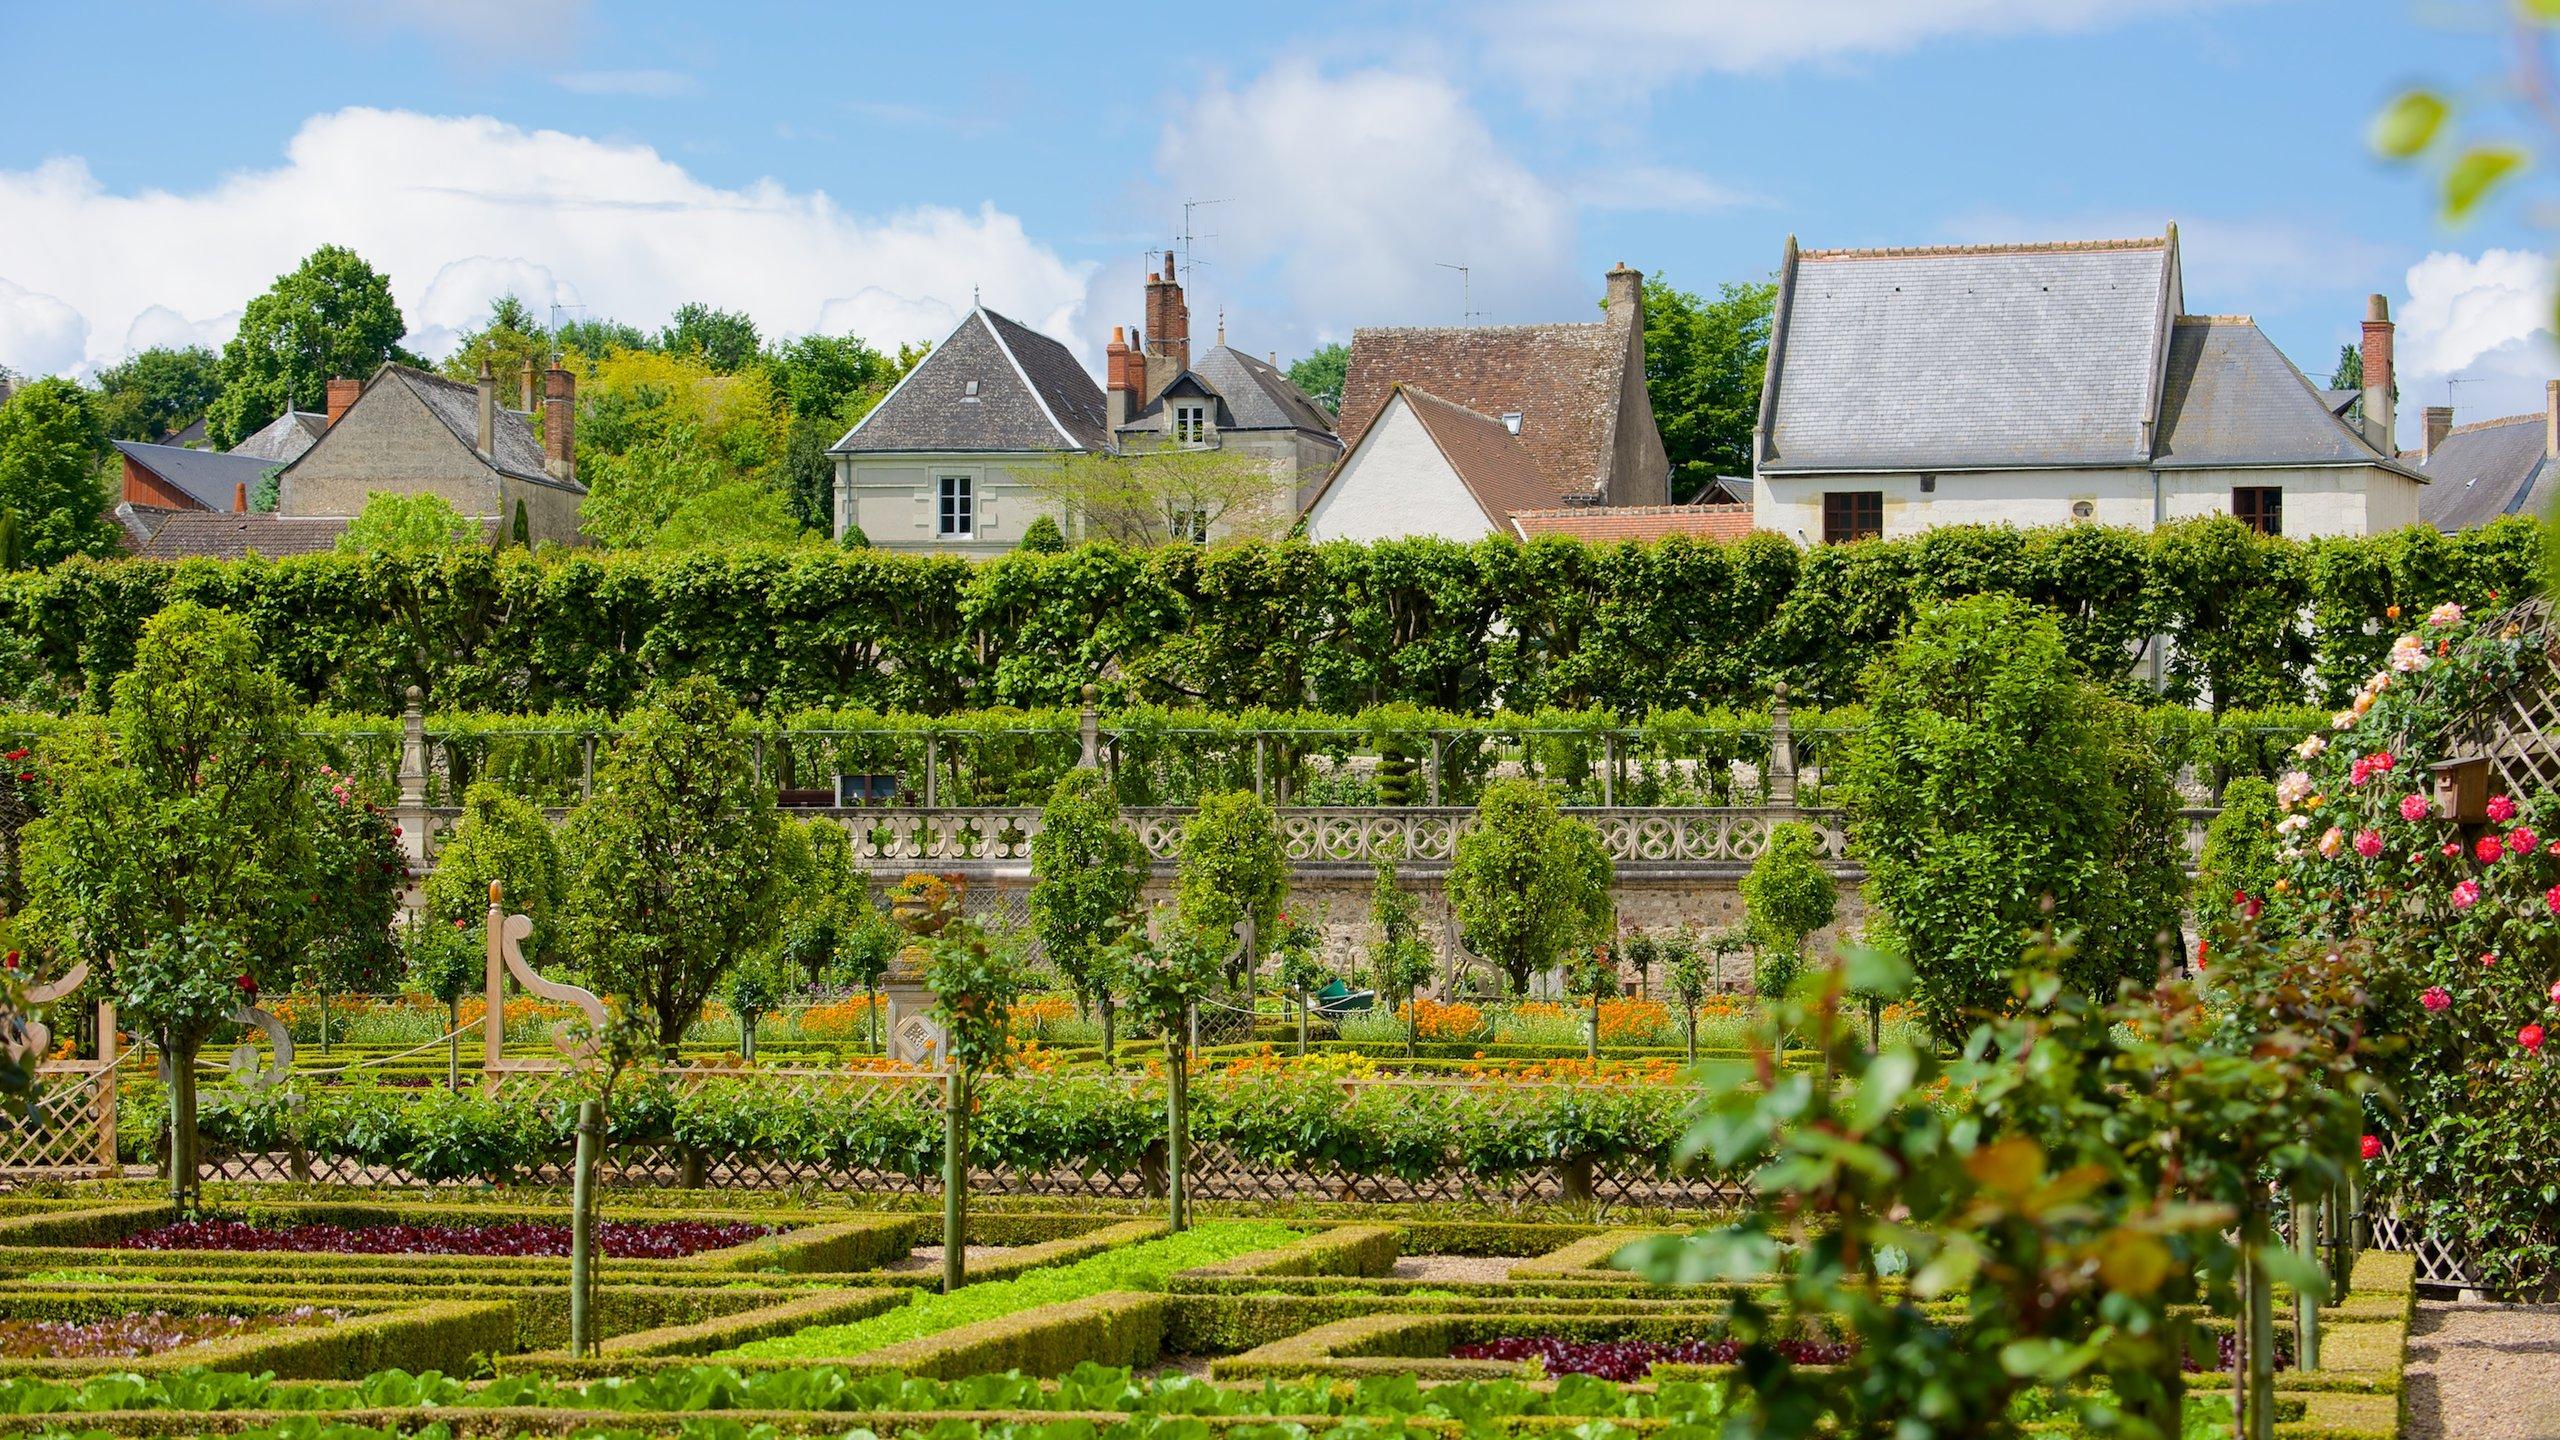 Chambray-les-Tours, Indre-et-Loire, France